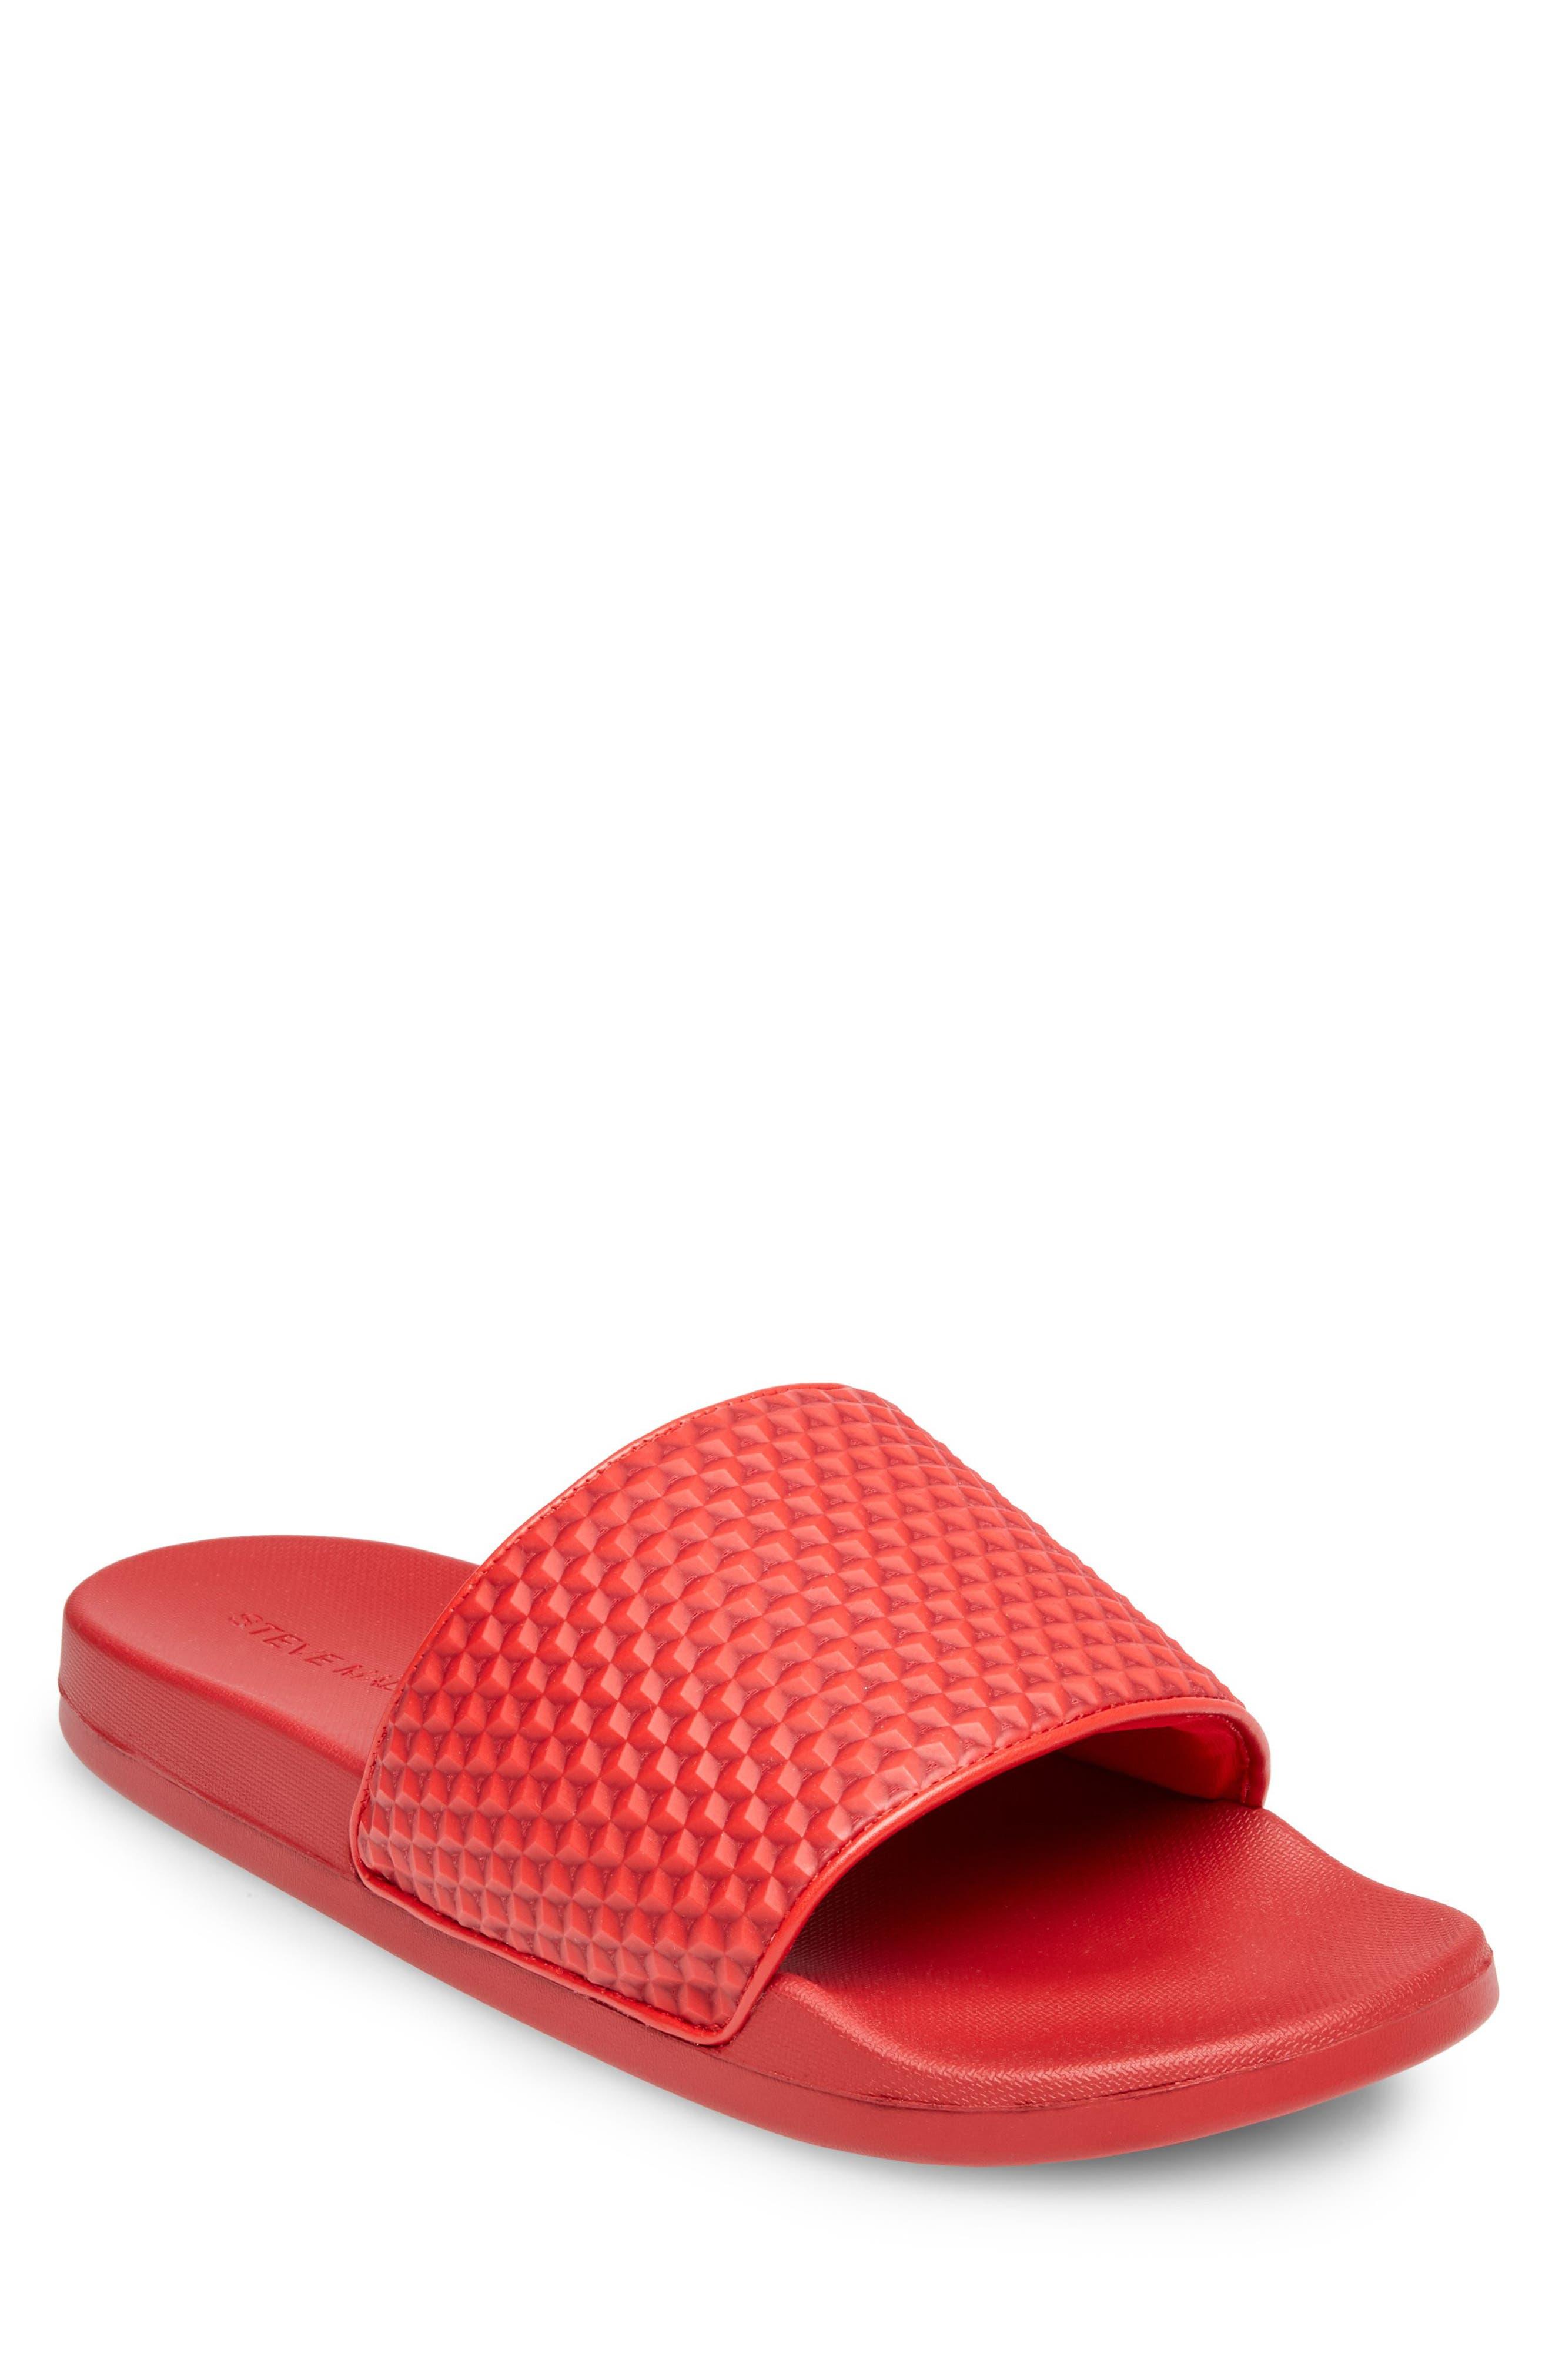 Steve Madden Riptide Slide Sandal (Men)